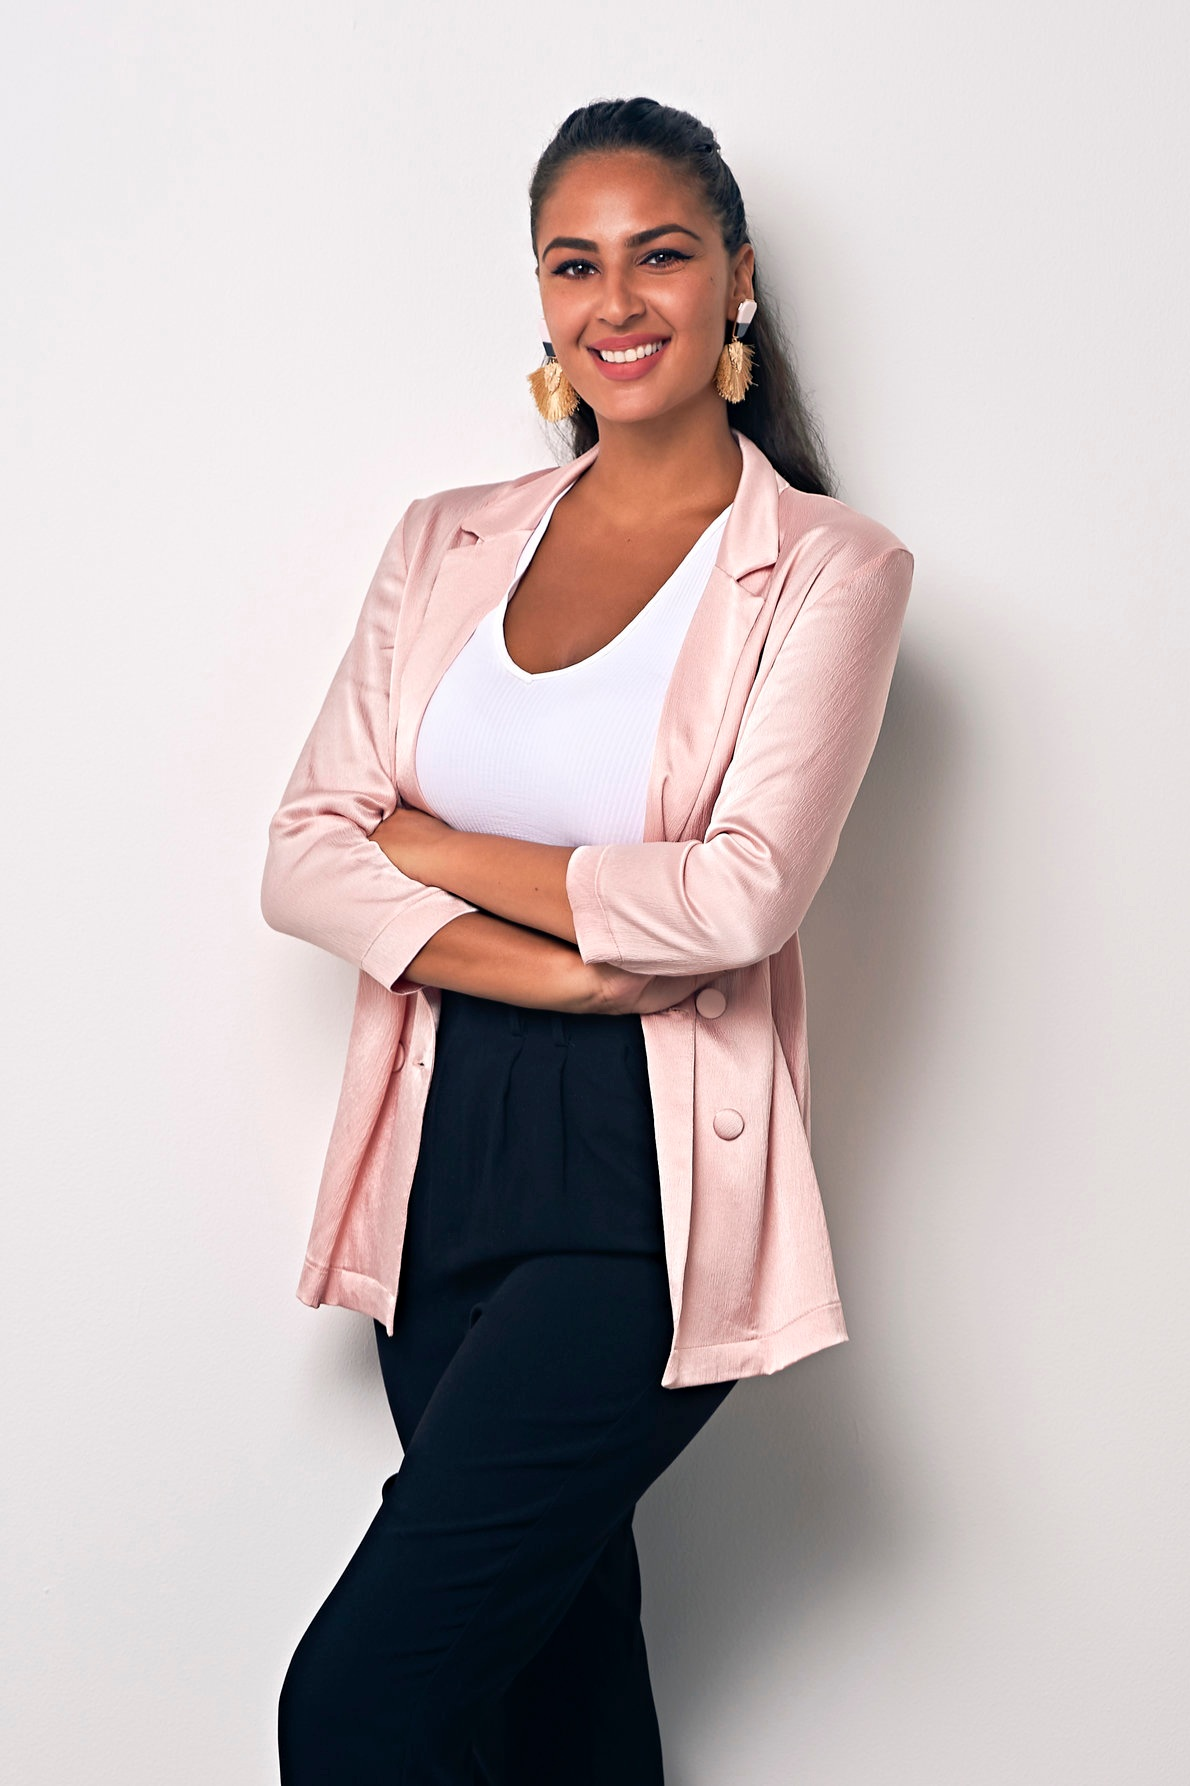 Lina Al Medanat Junior Art Consultant